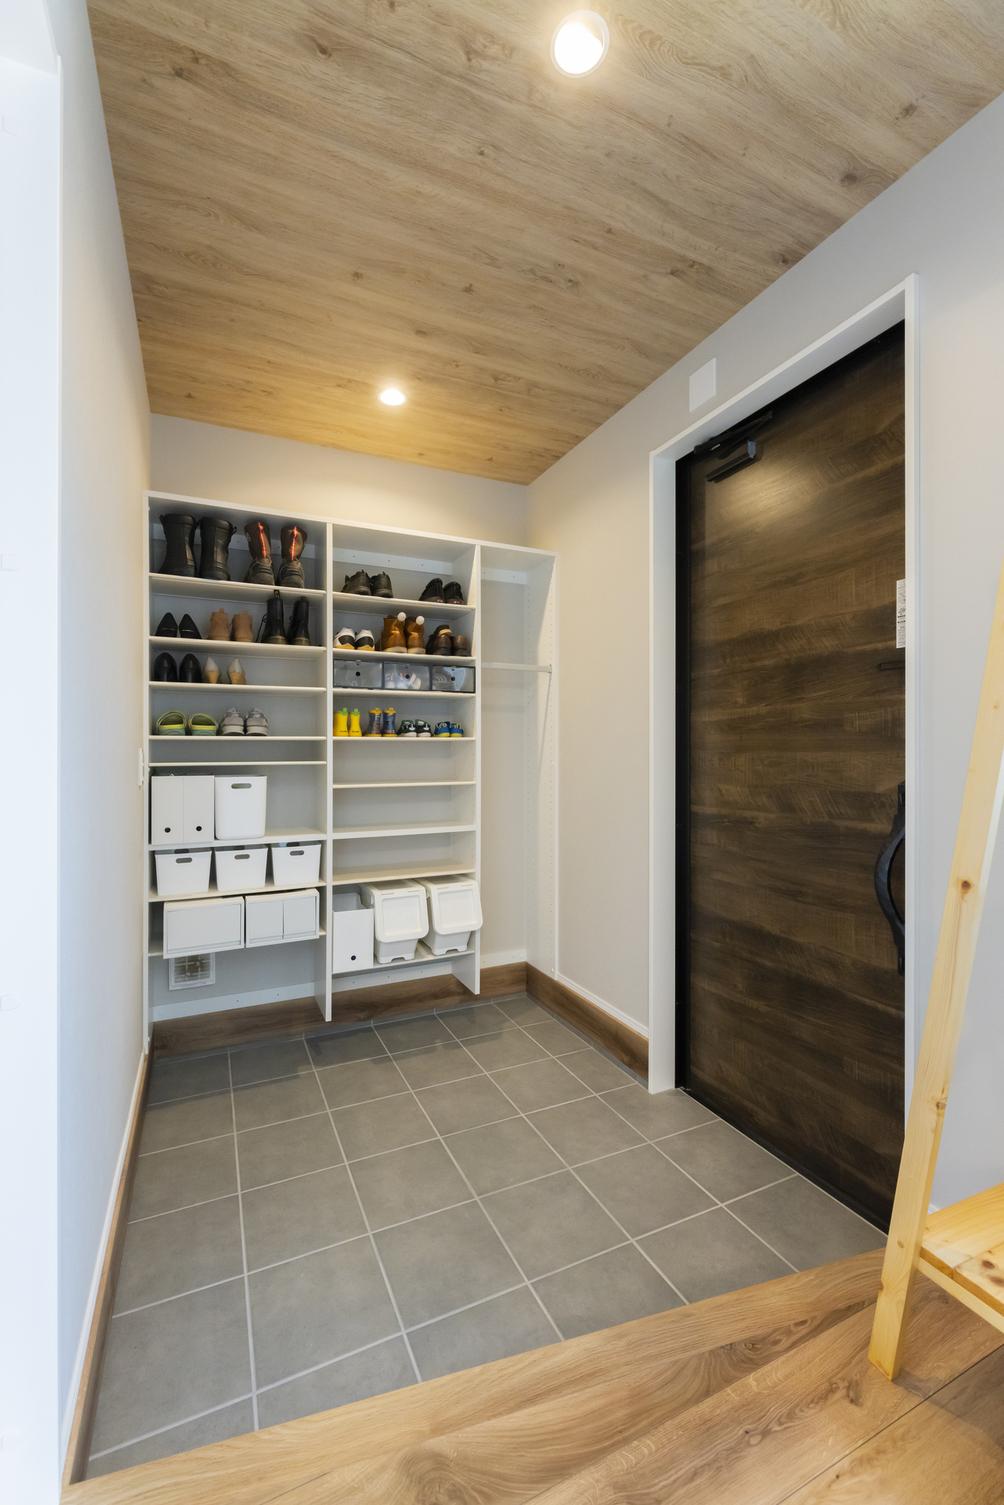 玄関では、天井に木目を採用。ナチュラルで暖かな印象に。